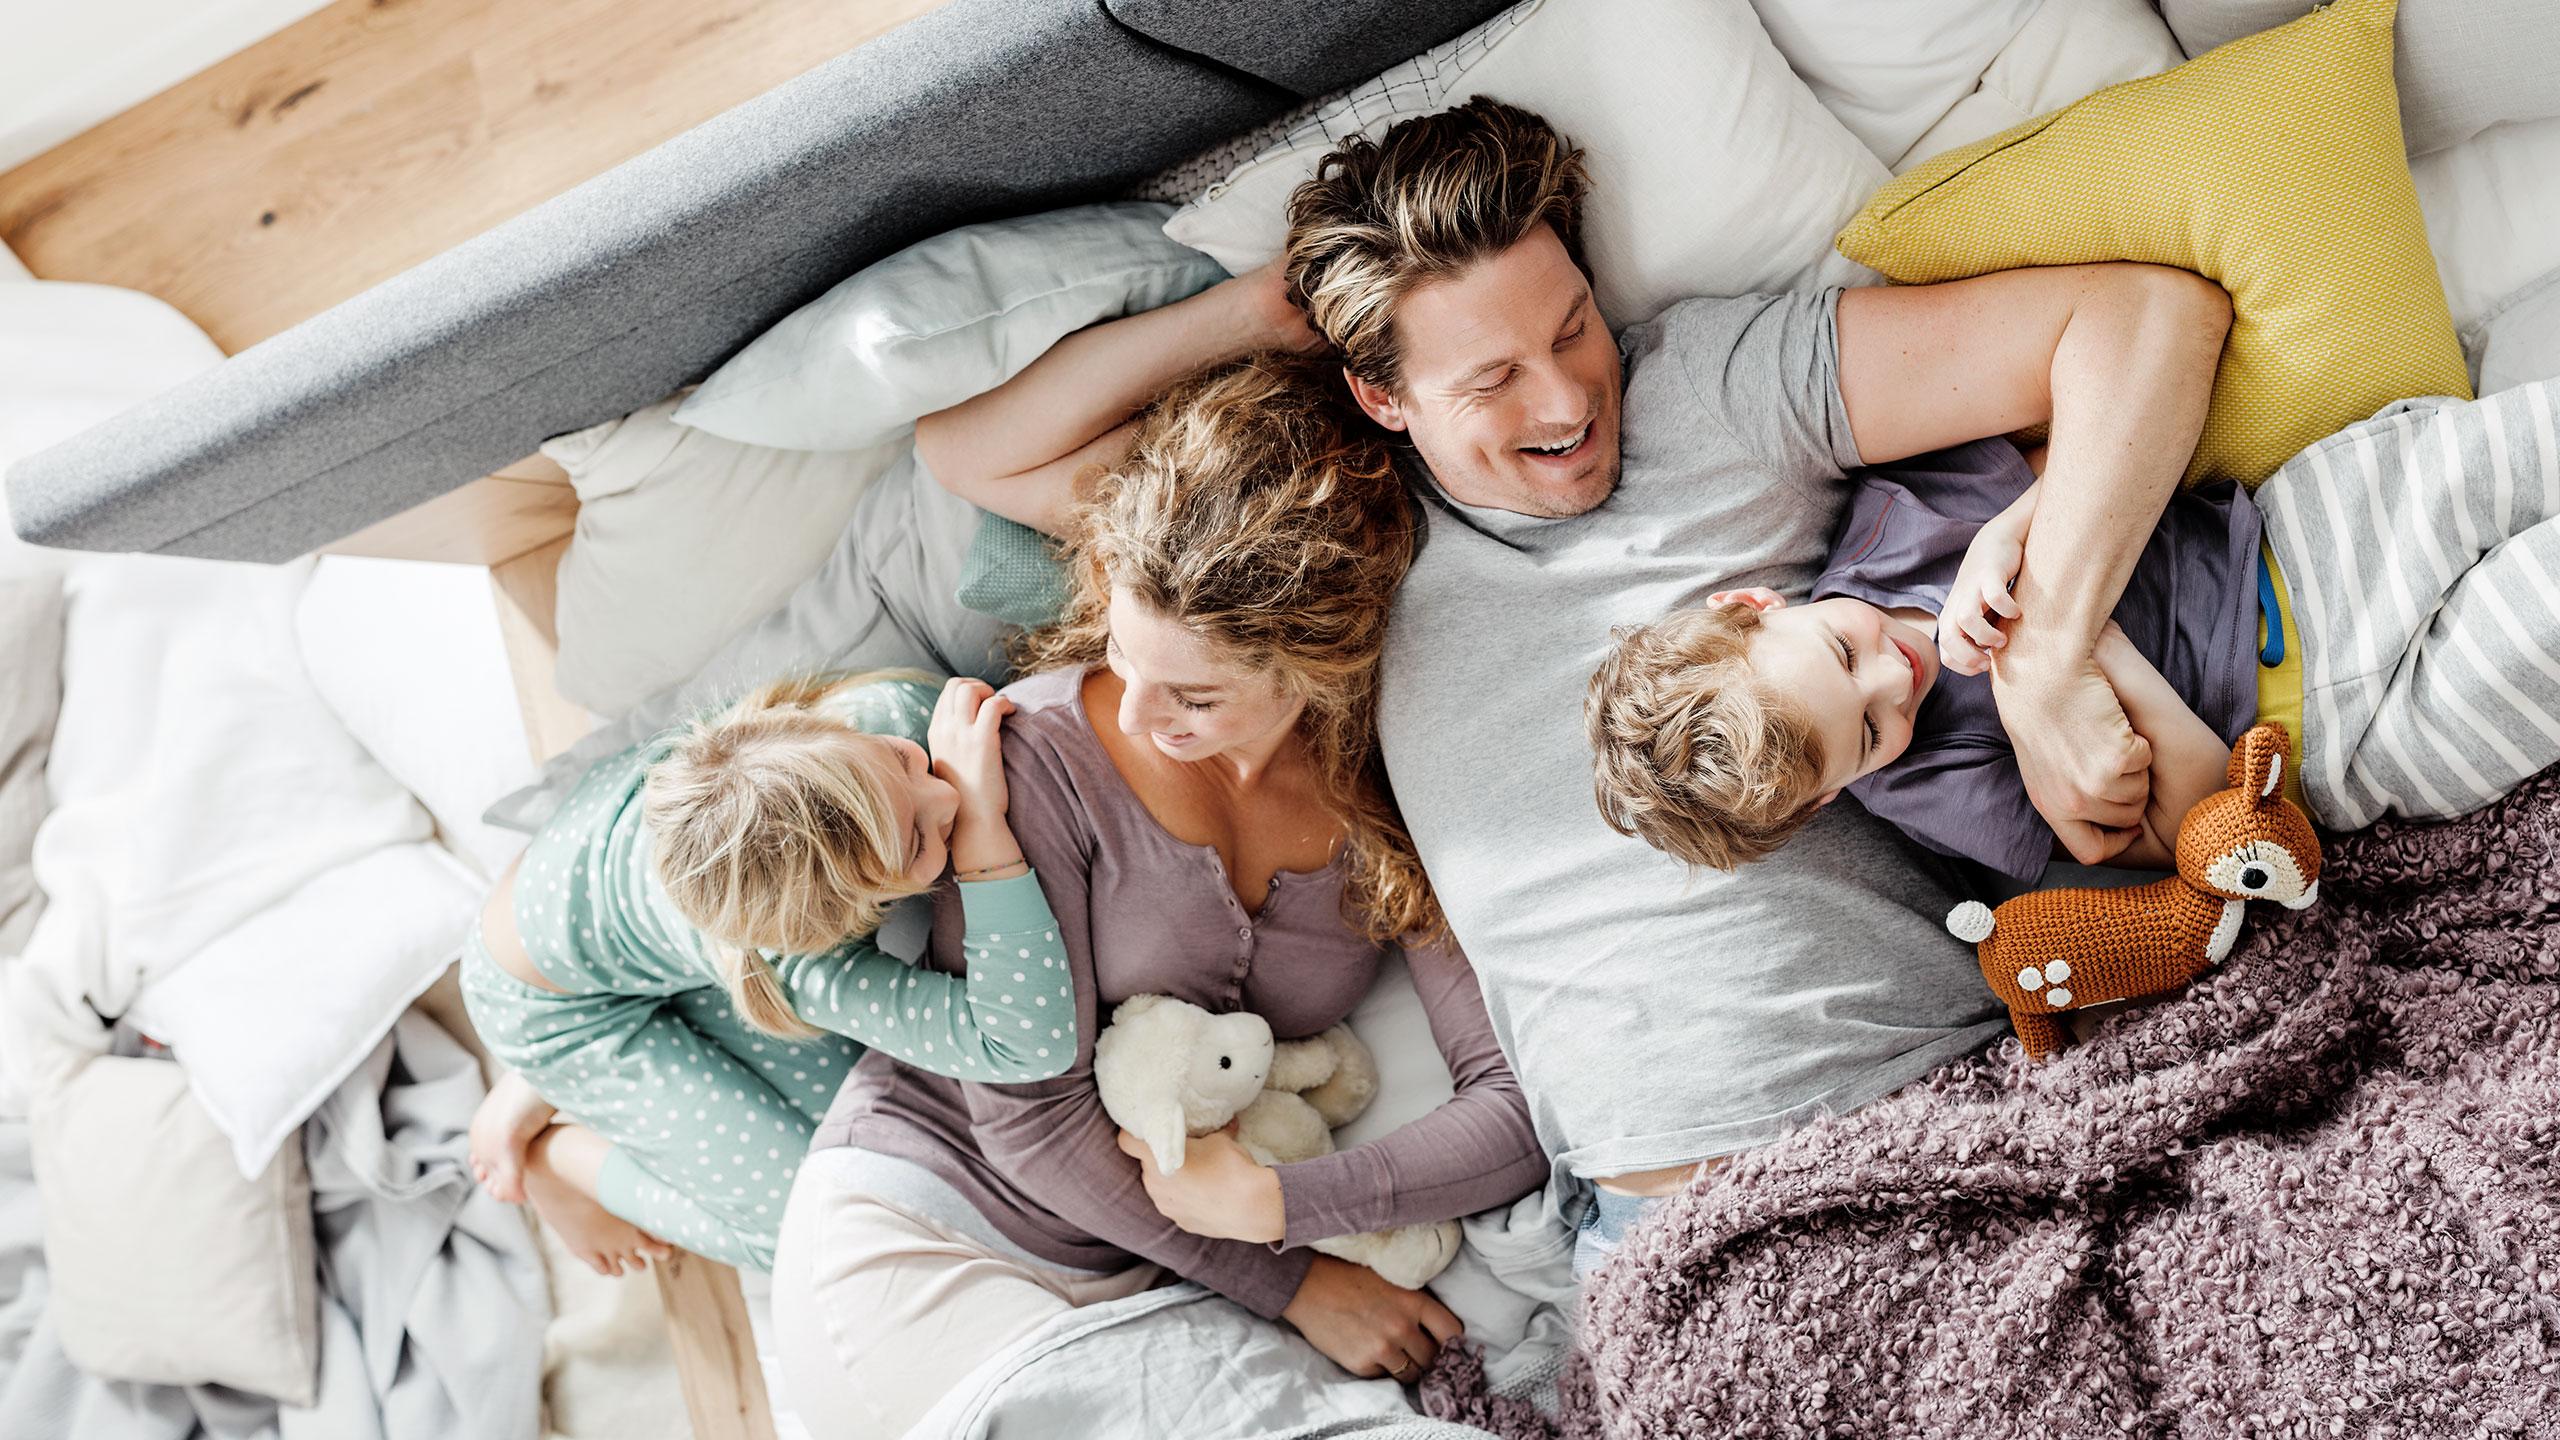 Interliving-Schlafzimmer-Familie-kuschelig-Bett